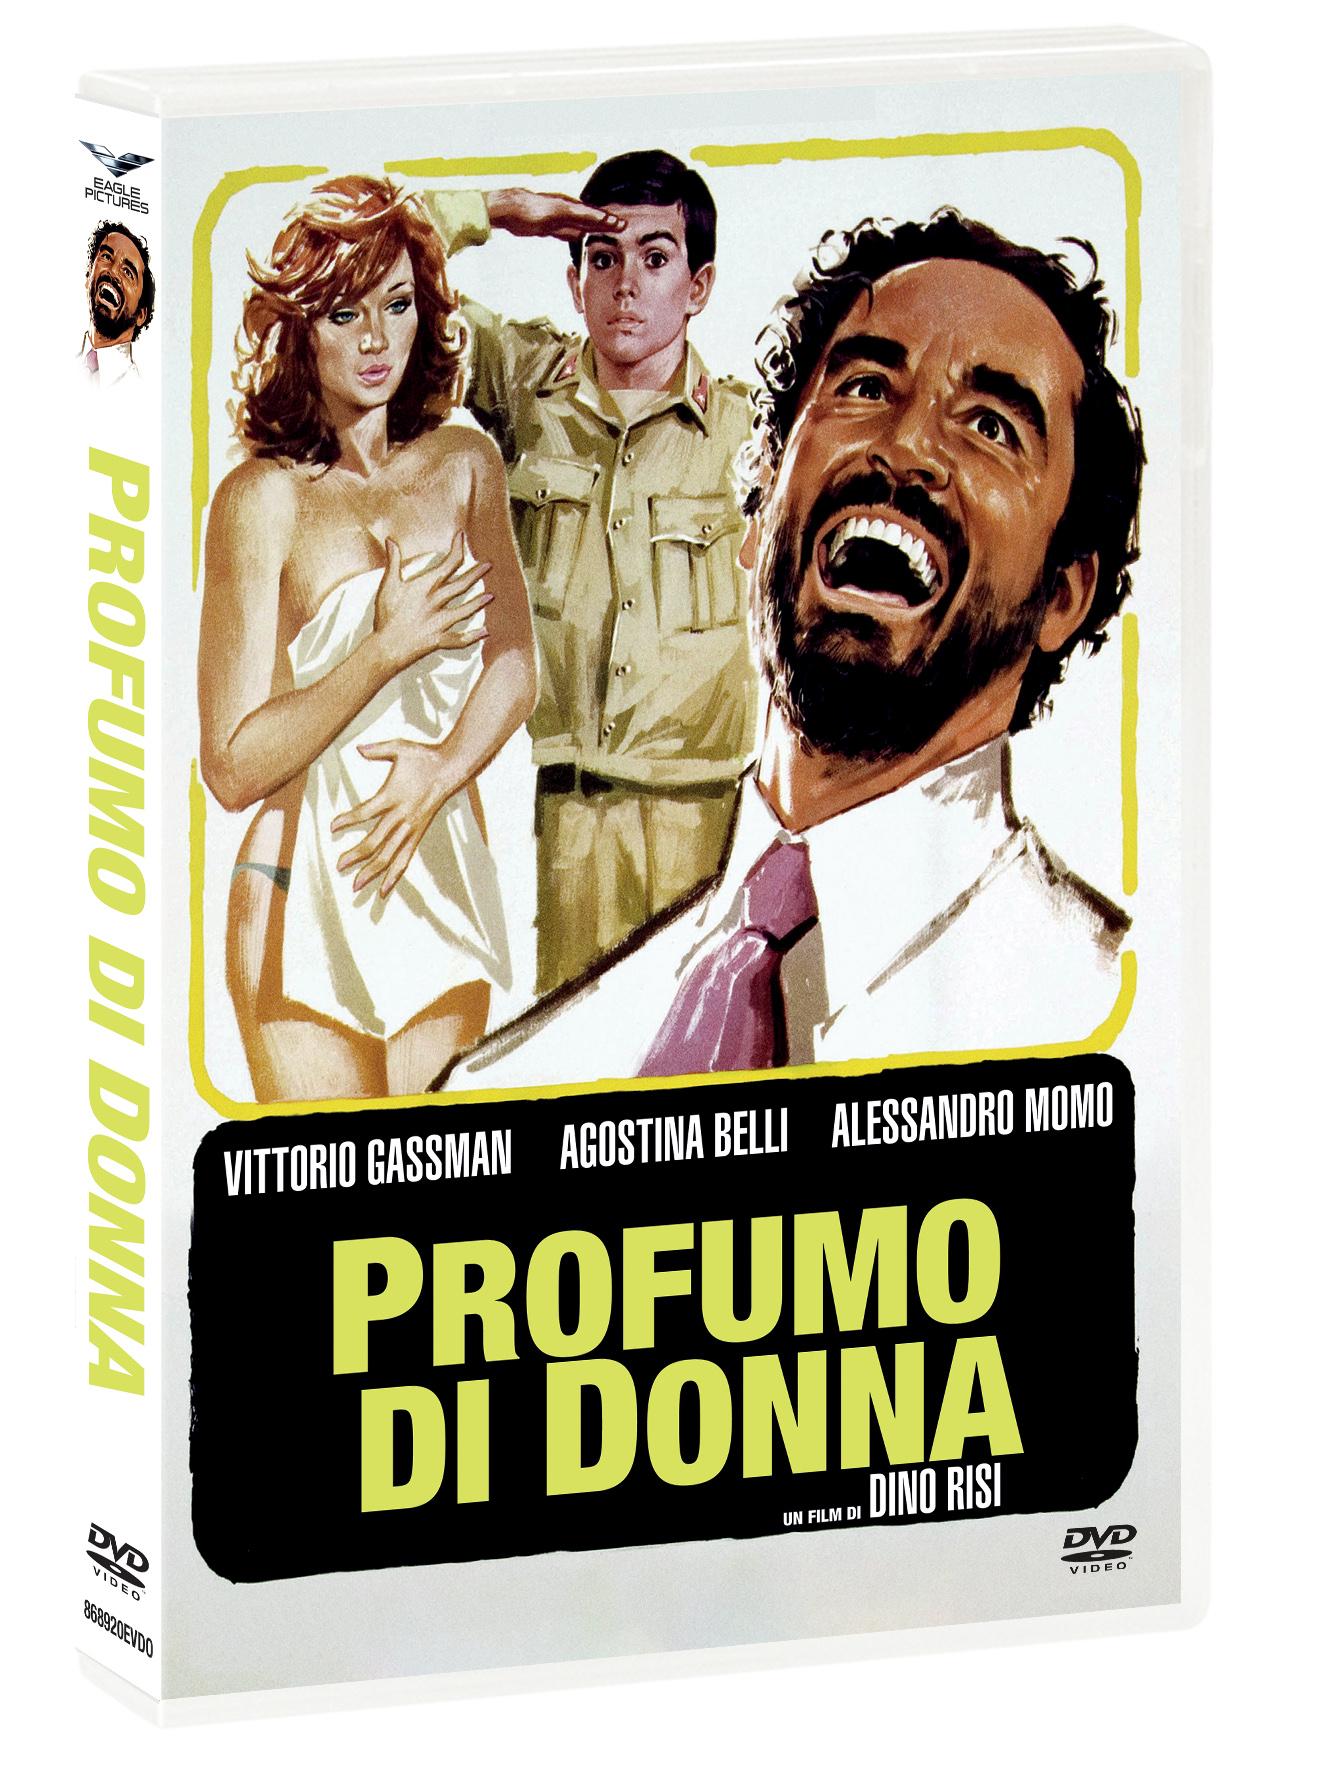 PROFUMO DI DONNA (DVD)